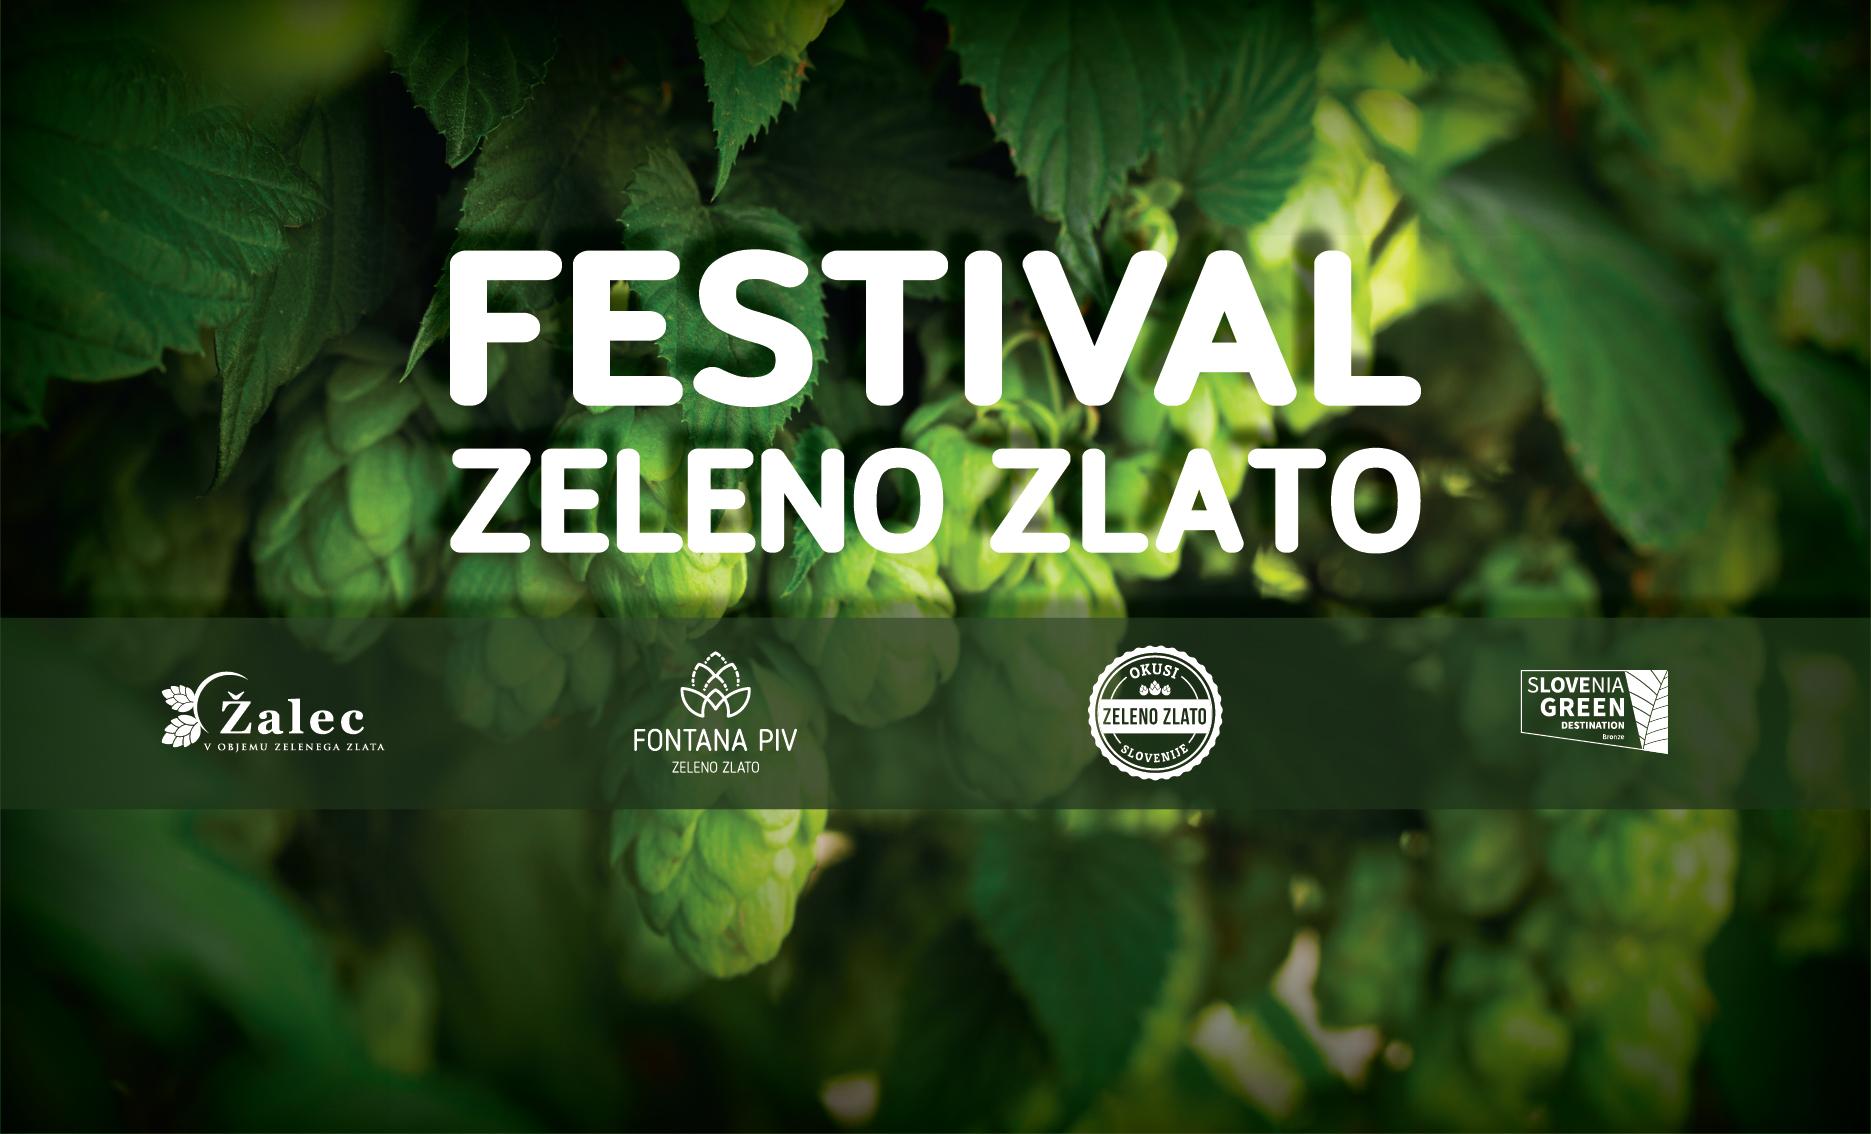 Festival Zeleno zlato